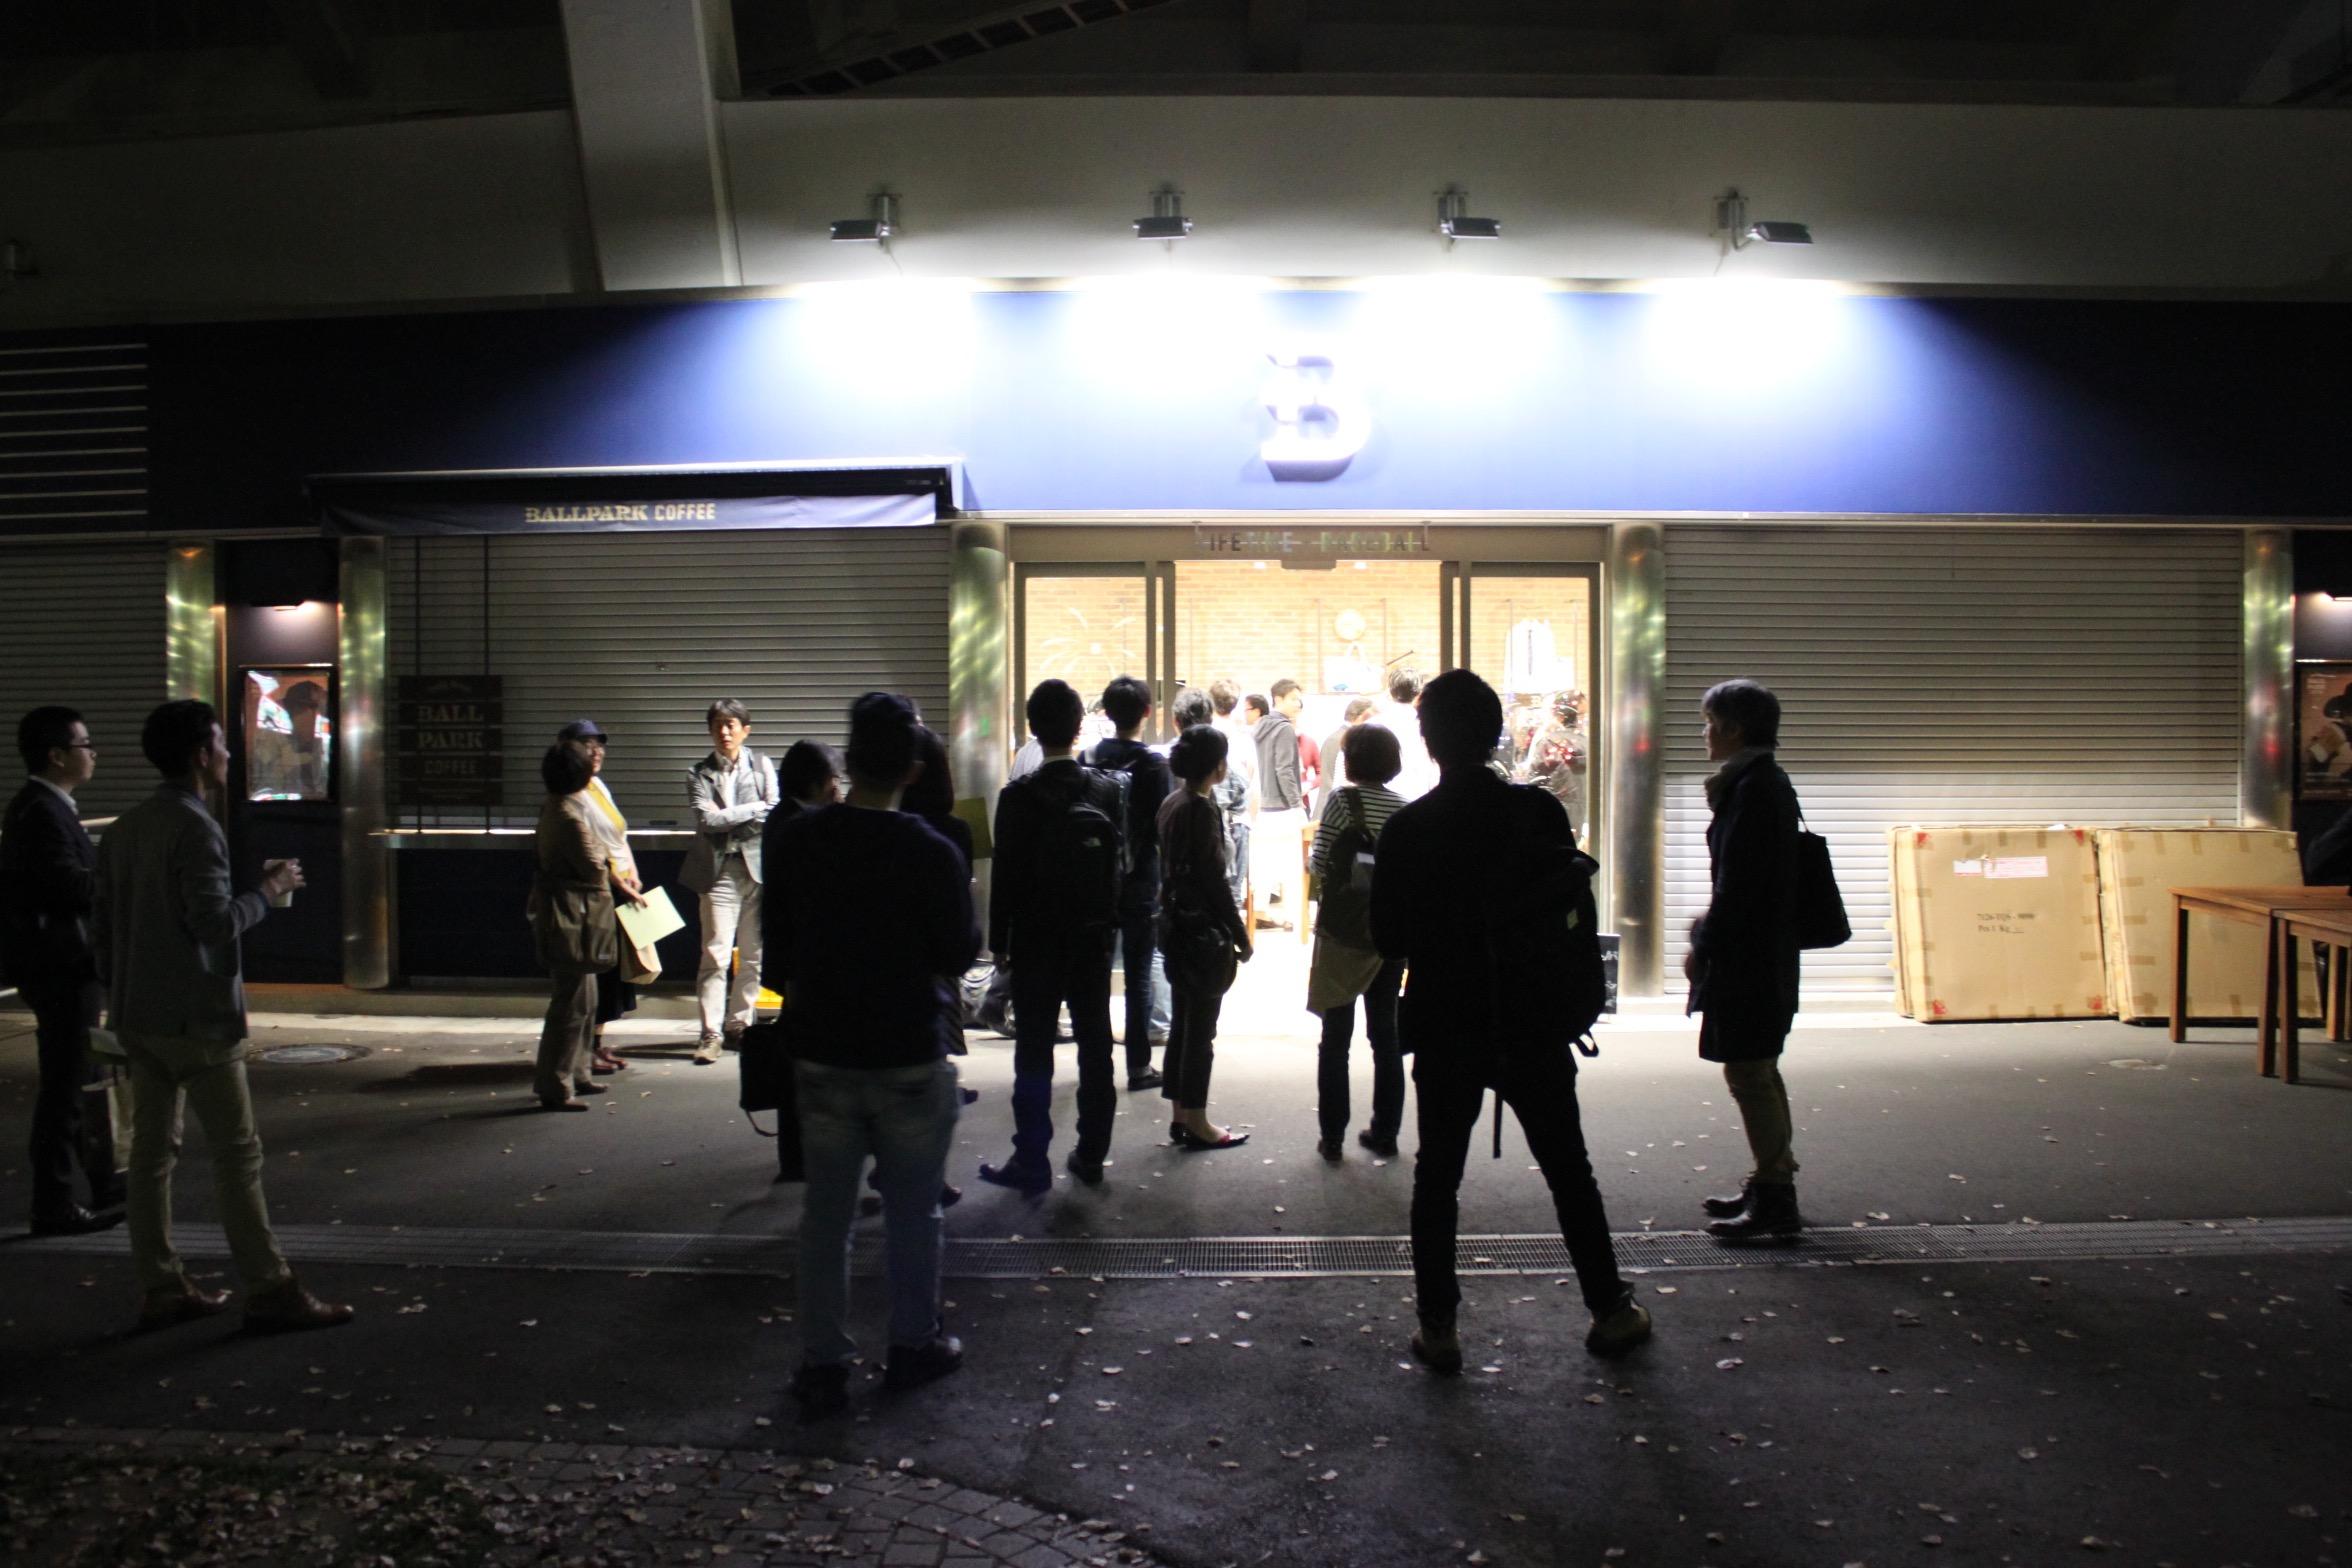 当日会場だった+Bは、横浜スタジアム内のクリエイティブなグッズショップ。